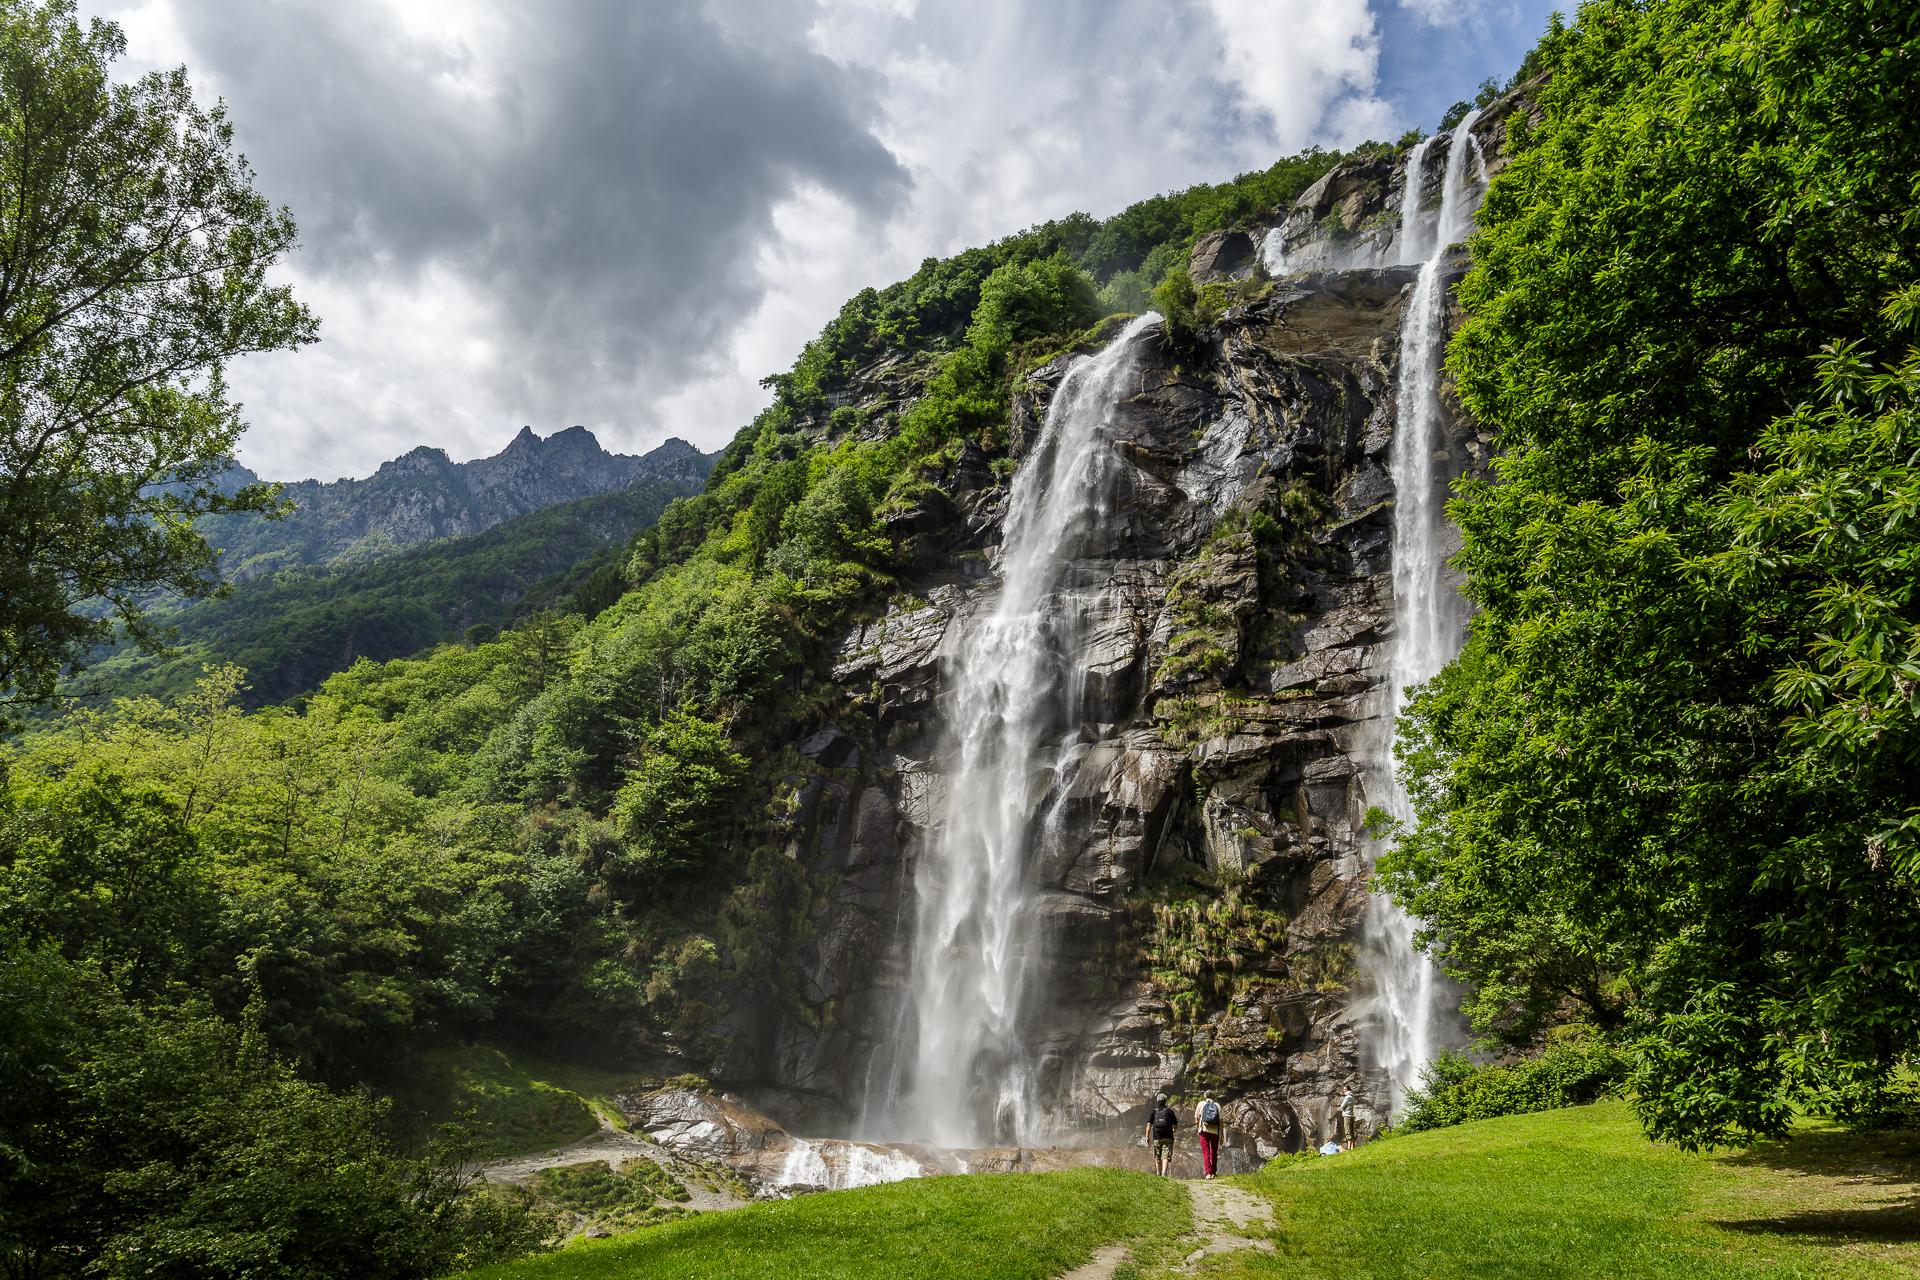 Wasserfall-Borgonuovo